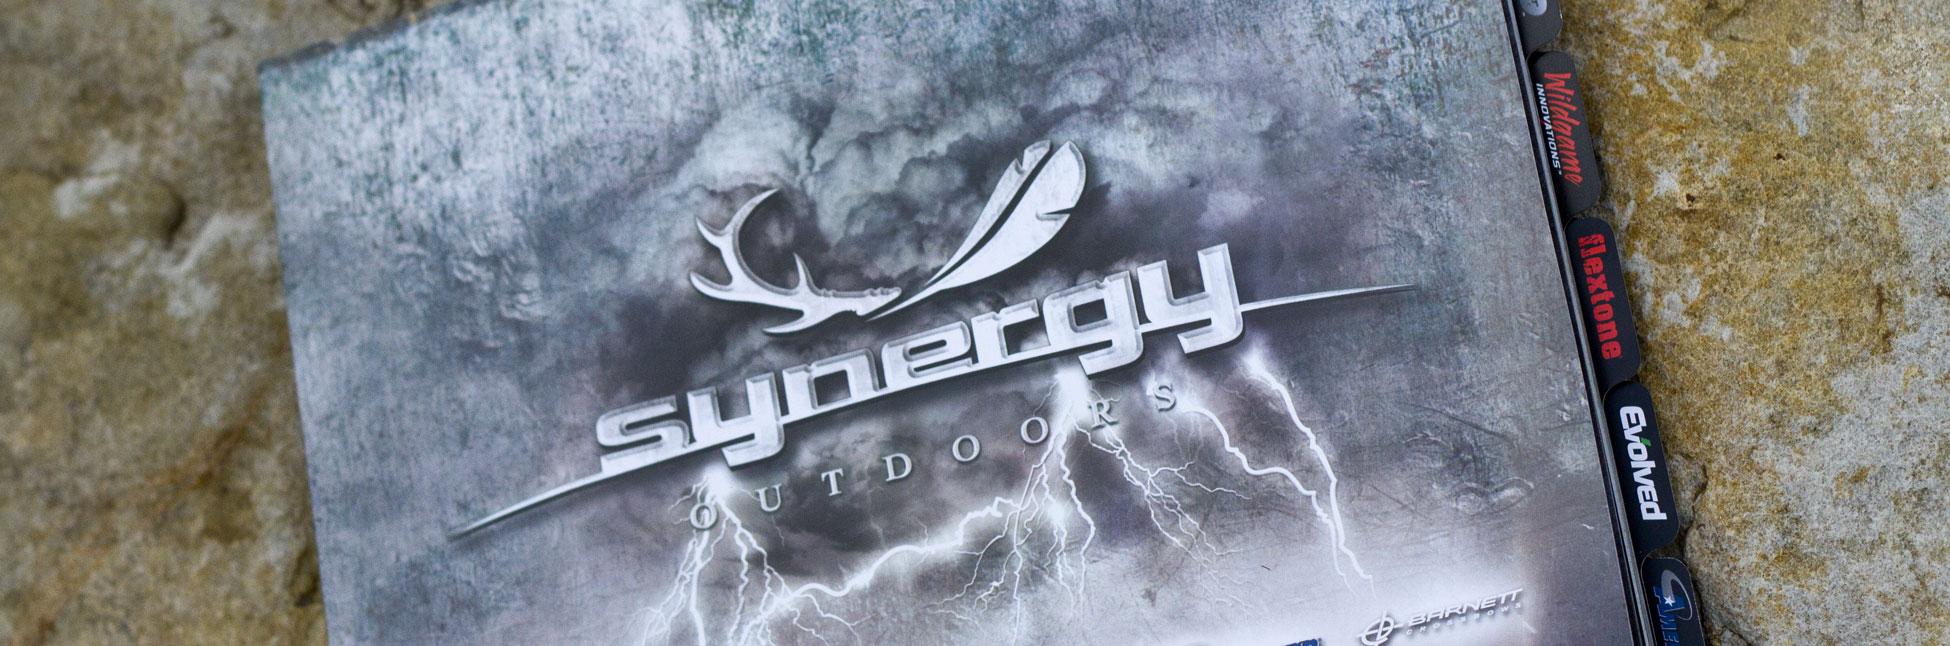 Synergy-intro